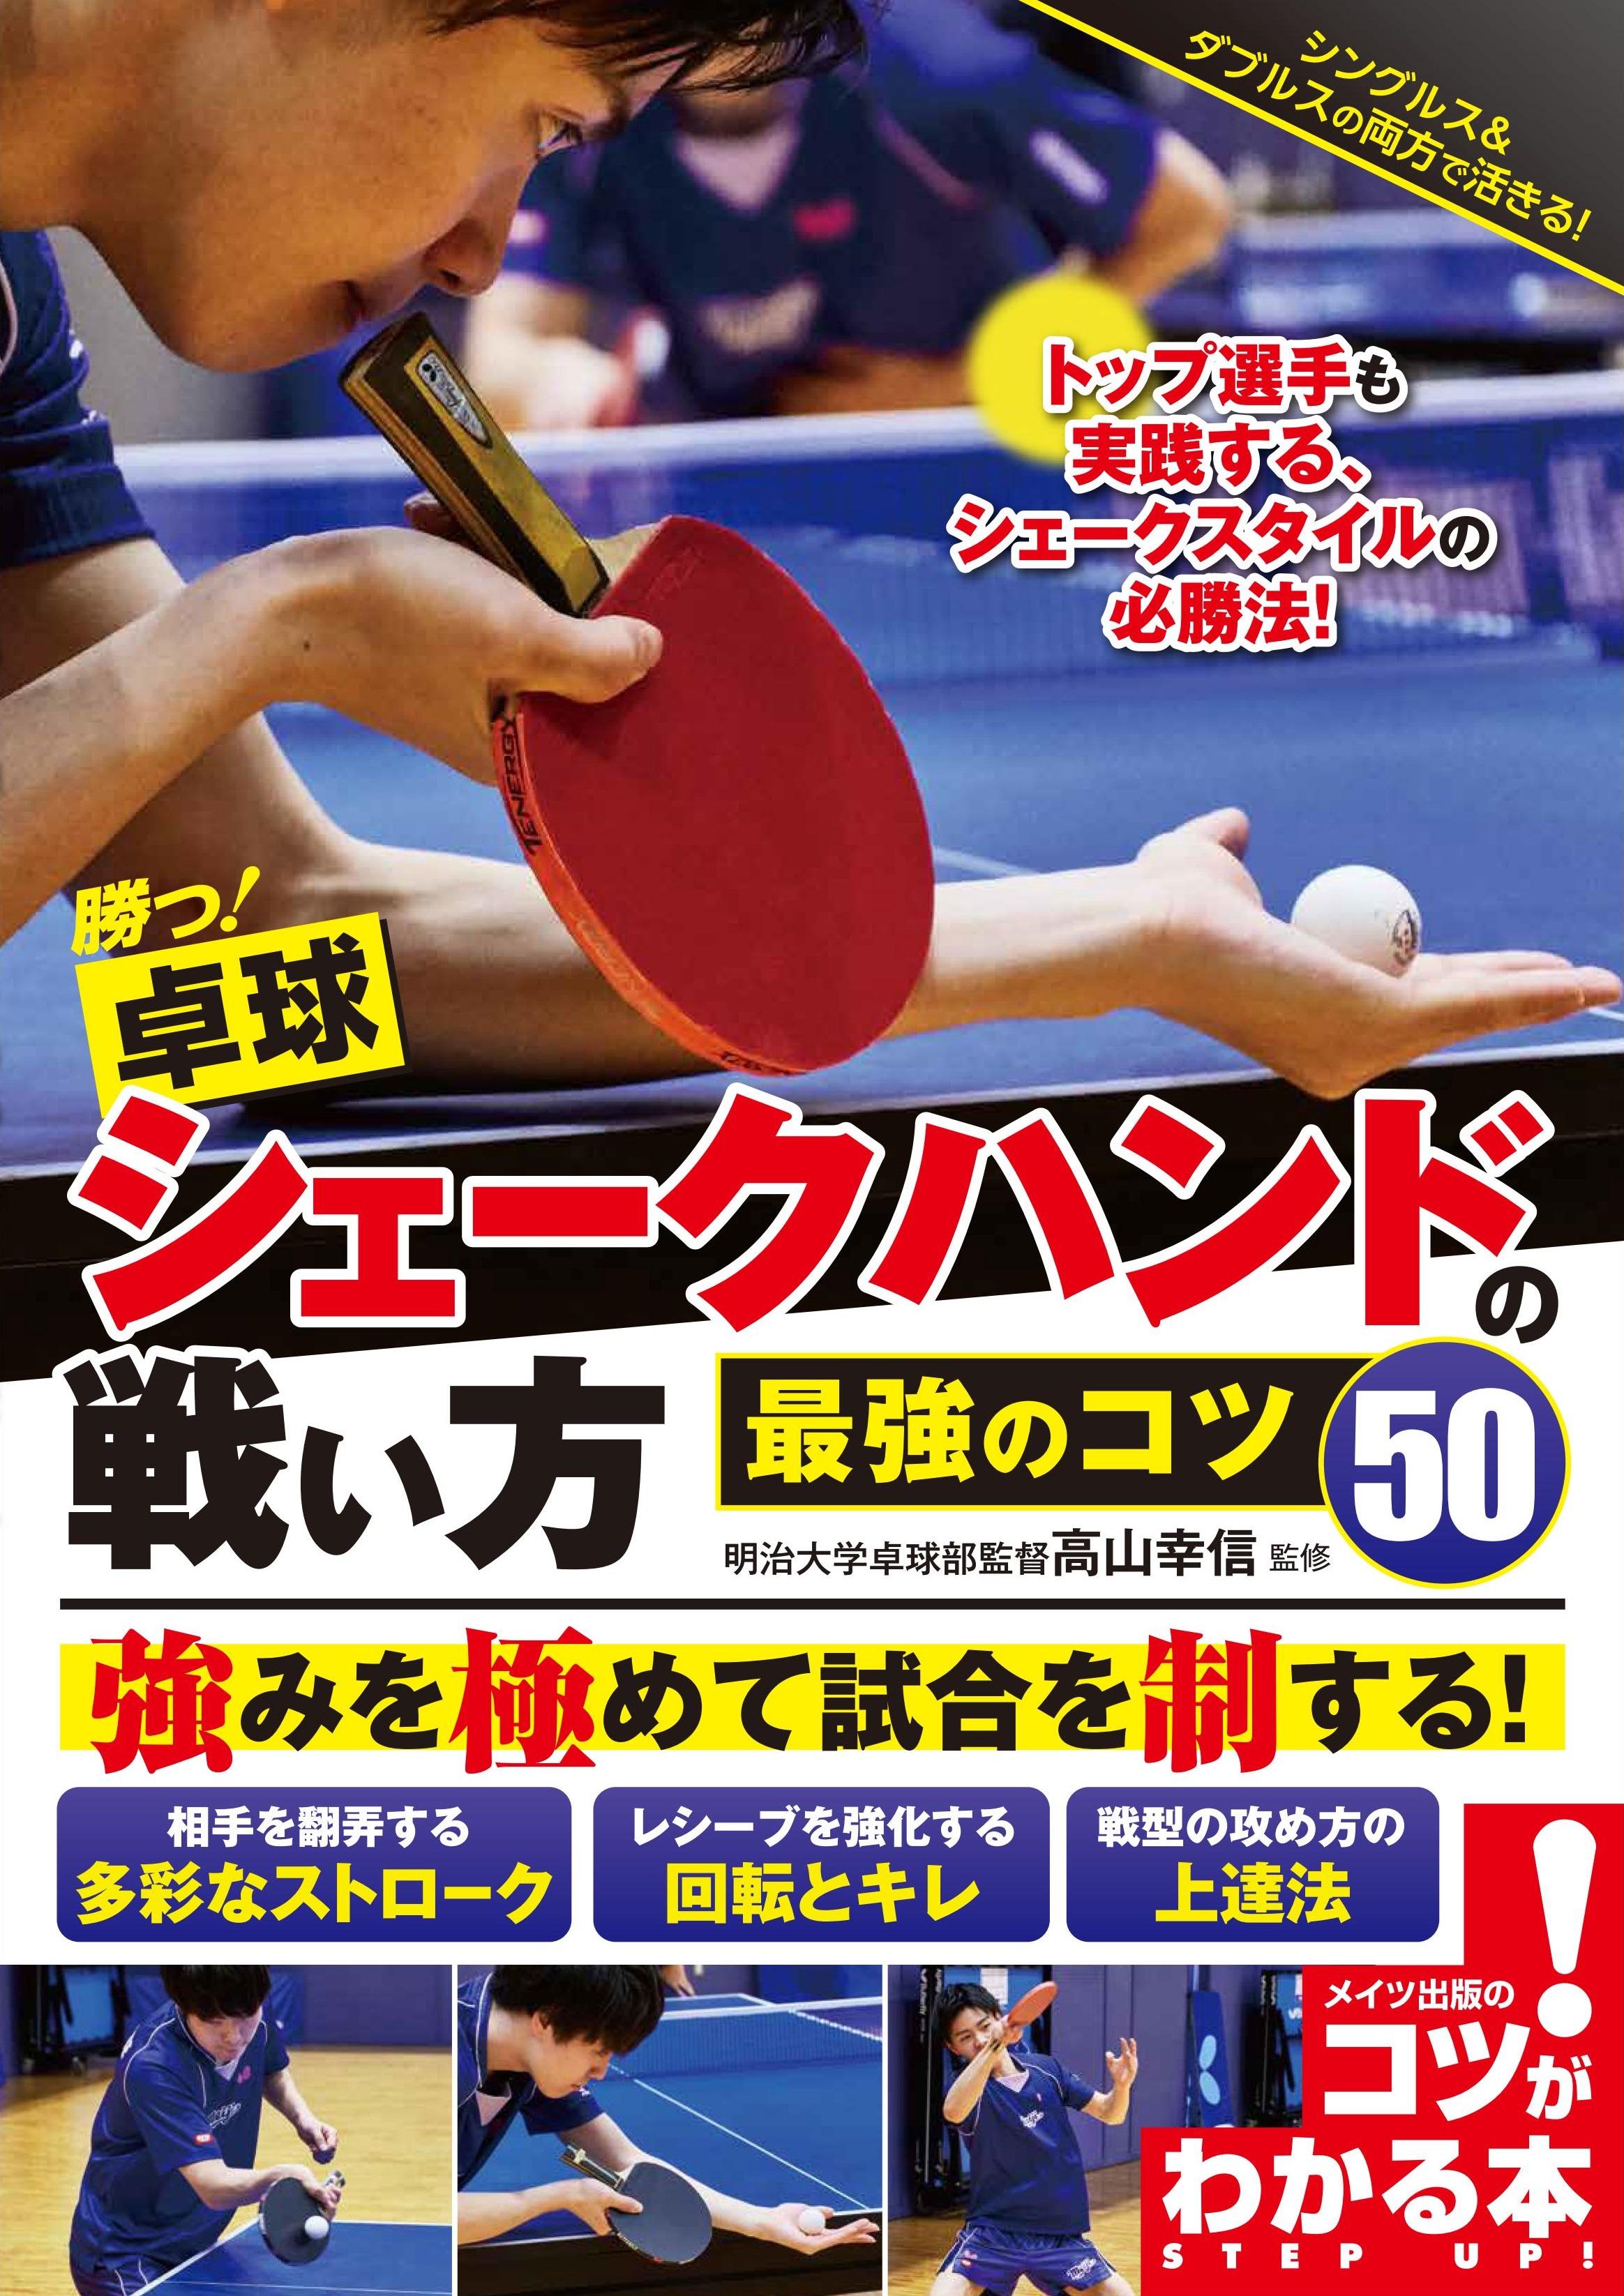 勝つ!卓球 シェークハンドの戦い方 最強のコツ50